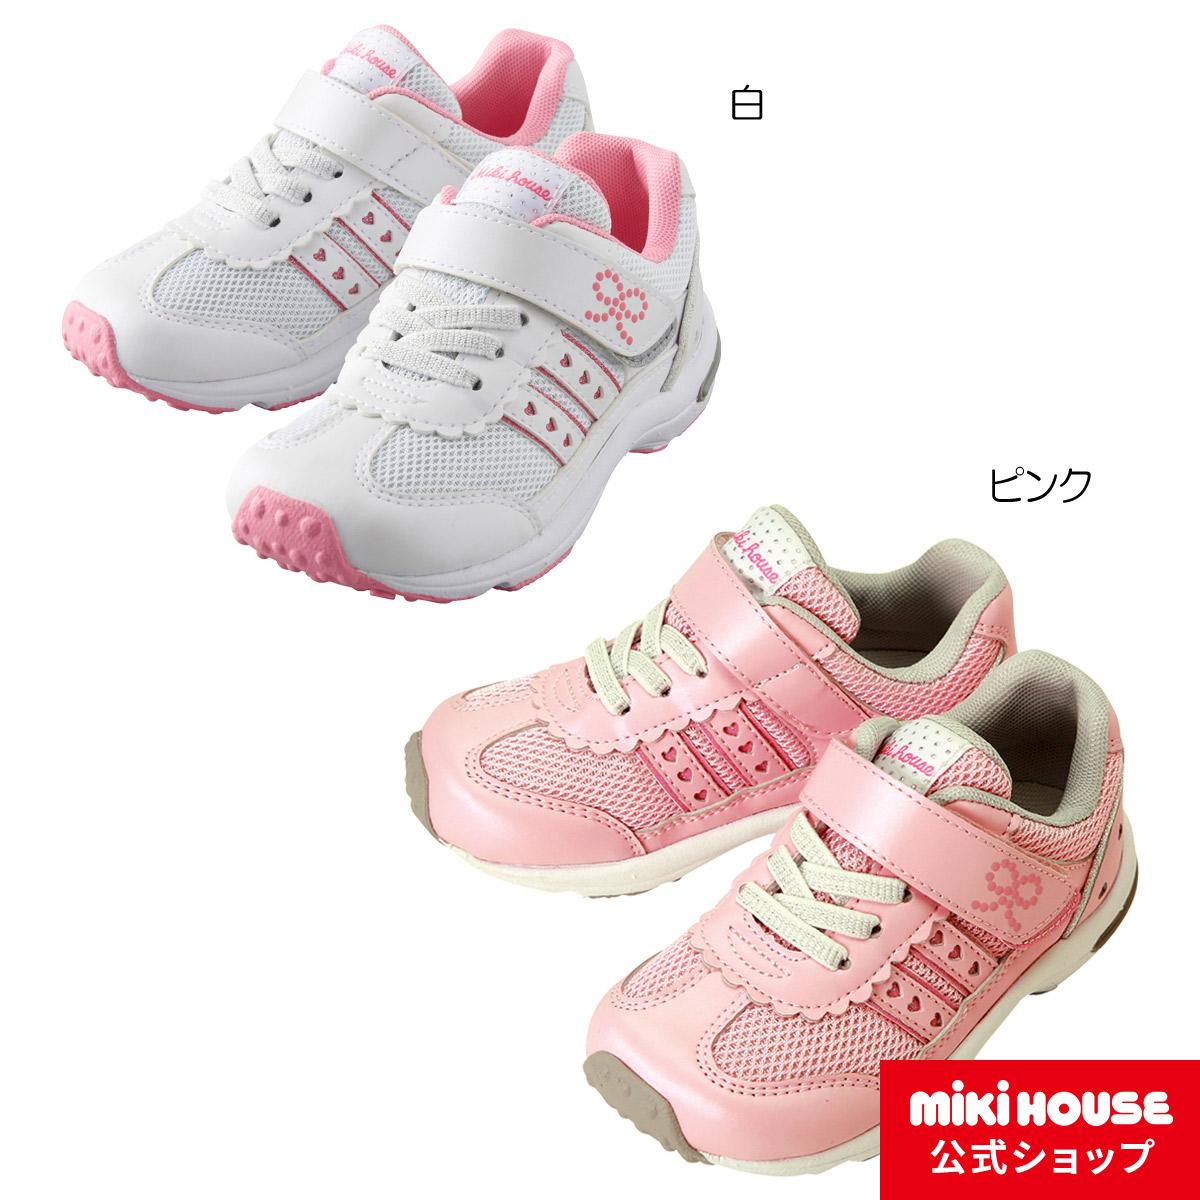 ミキハウス mikihouse ハート&リボン♪スポーティキッズシューズ(15cm-21cm) キッズ 子供 靴 スニーカー 女の子